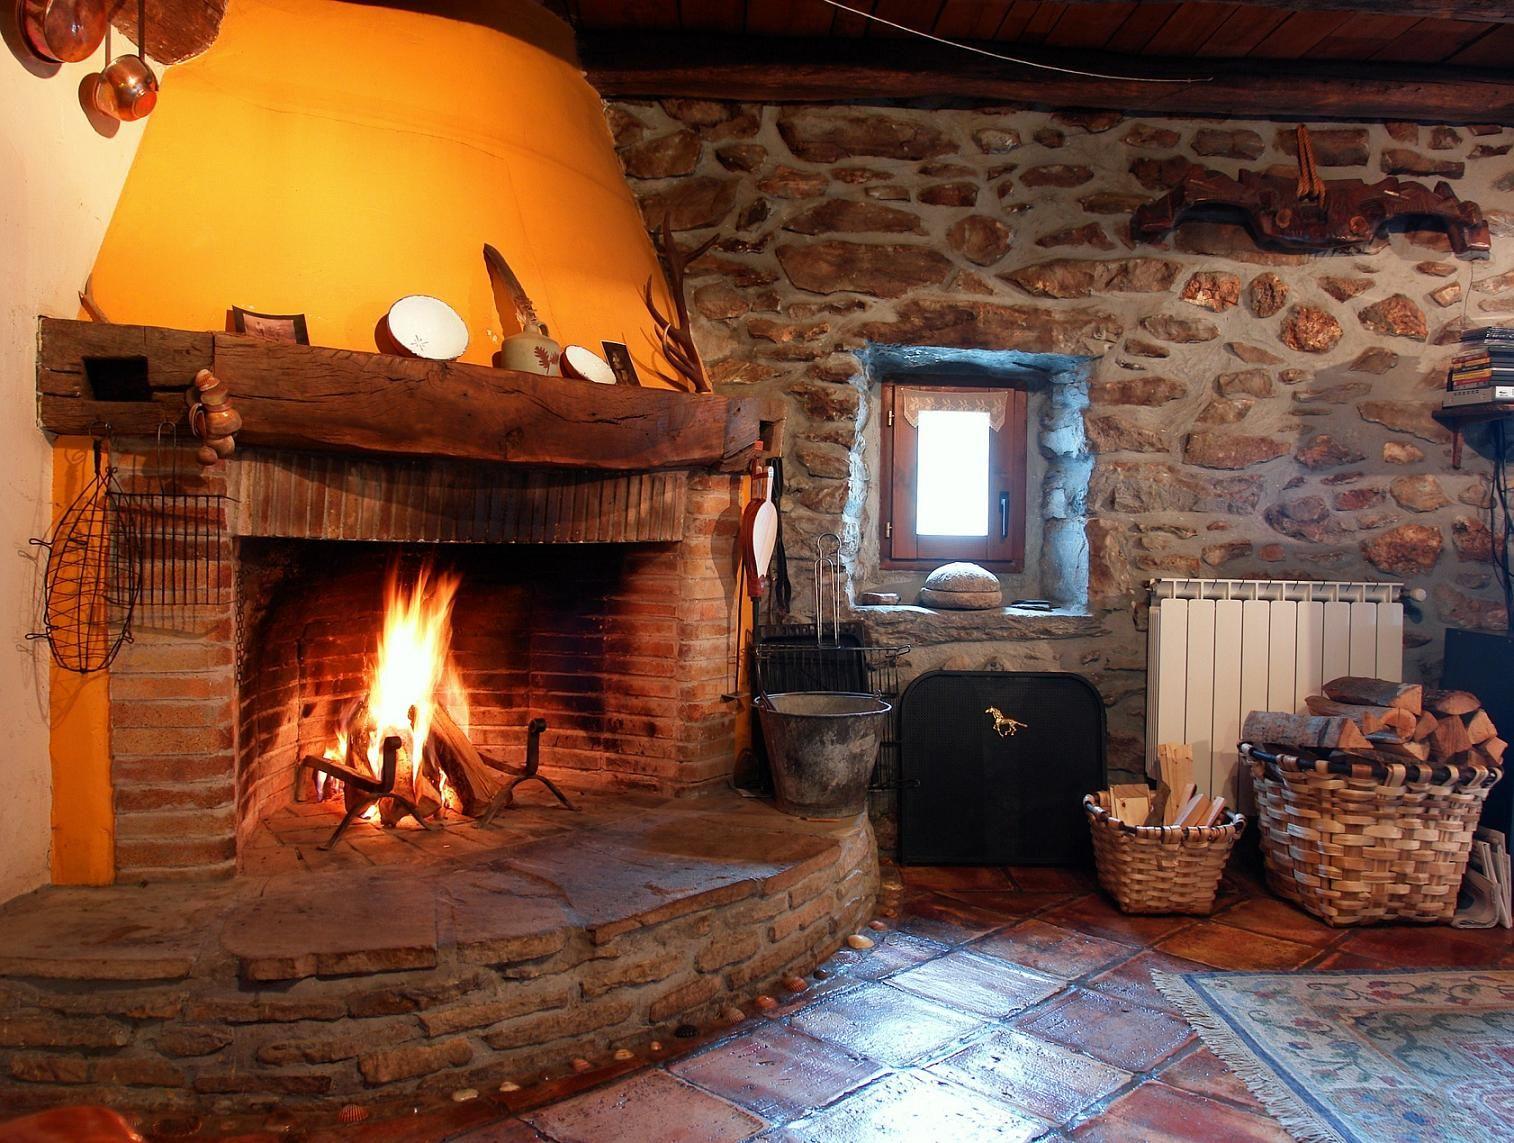 Chimenea de xenborda baserria arantza navarra http - Chimeneas para casas ...